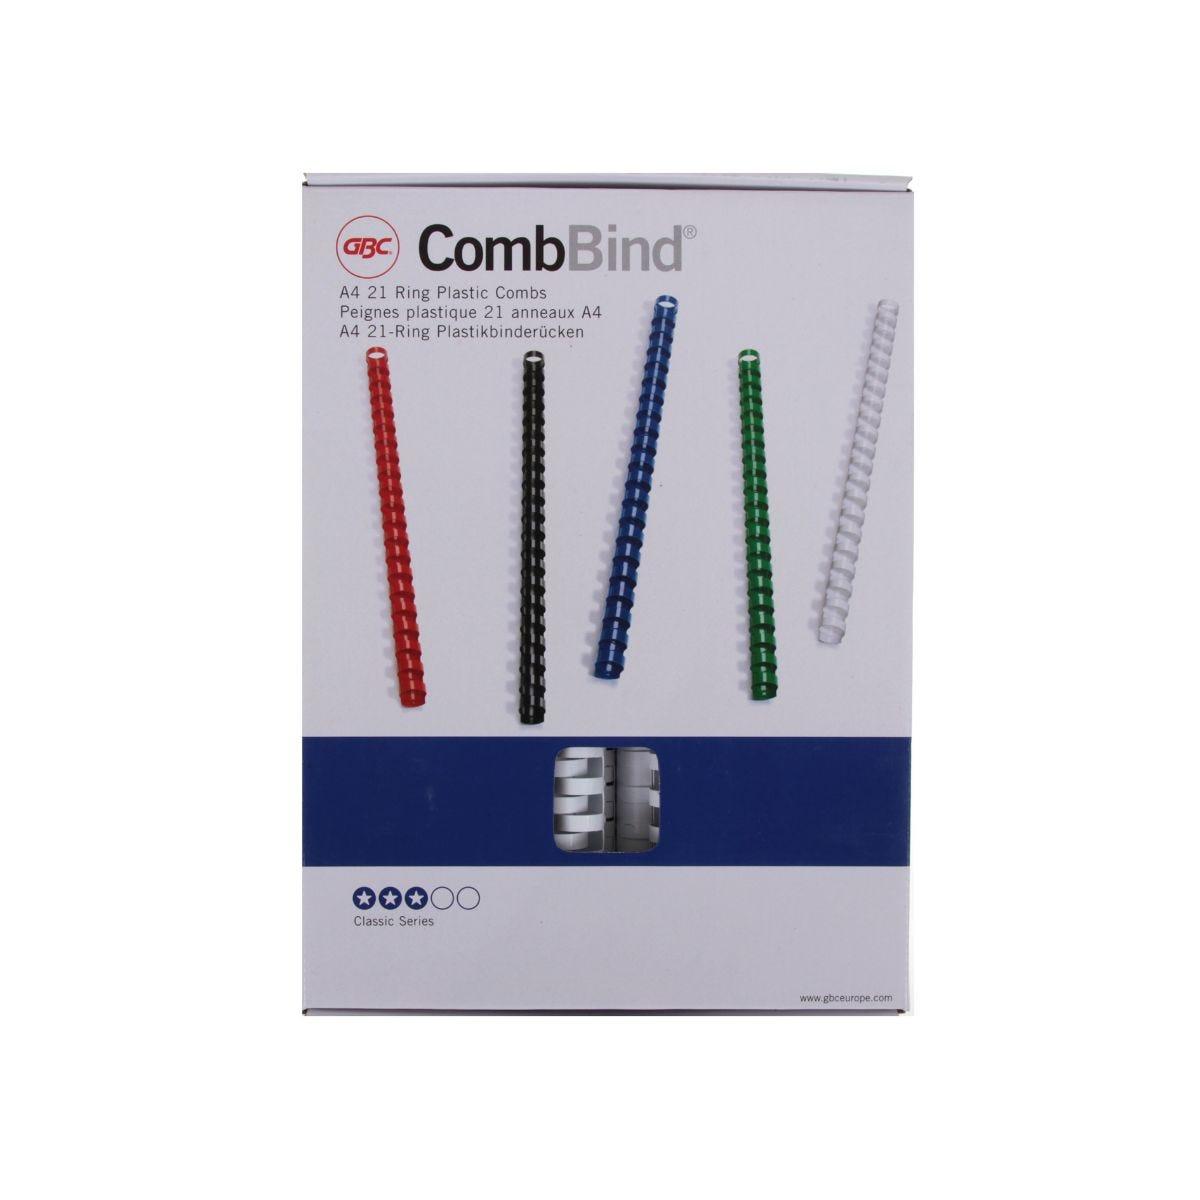 Rexel Comb Binding Machine Cb3000 A4 Reports Binders Binding